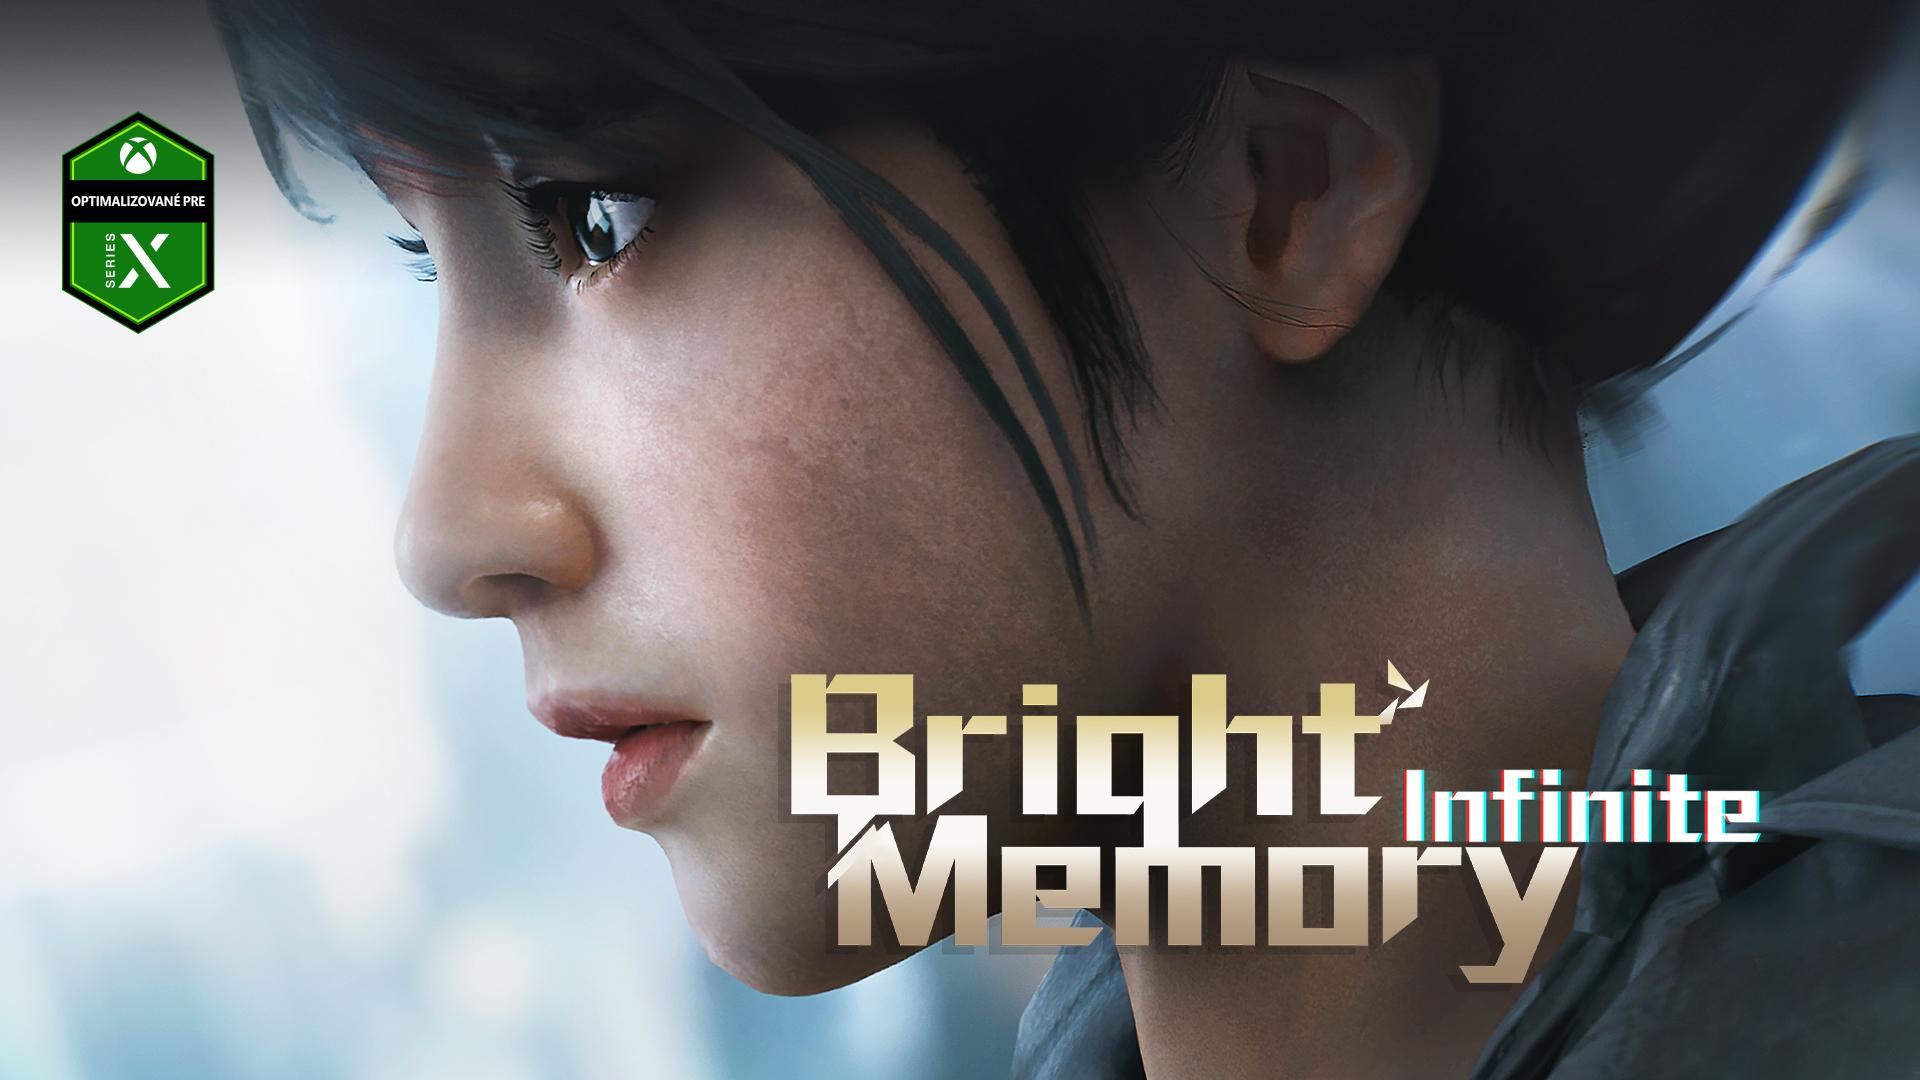 Bright Memory Infinite, Optimalizované pre Series X, mladá žena sa pozerá do diaľky.